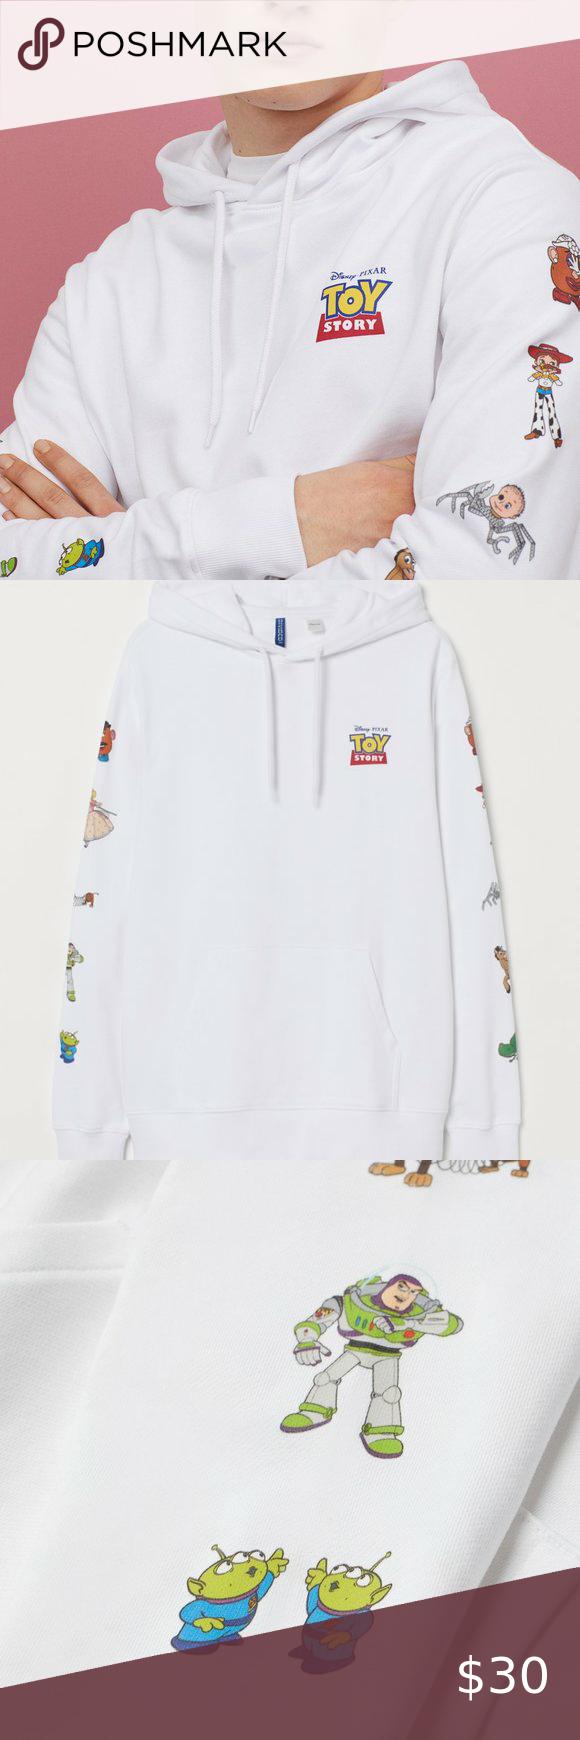 H M White Toy Story Hoodie Hoodie Brands Soft Sweatshirts Hoodies [ 1740 x 580 Pixel ]